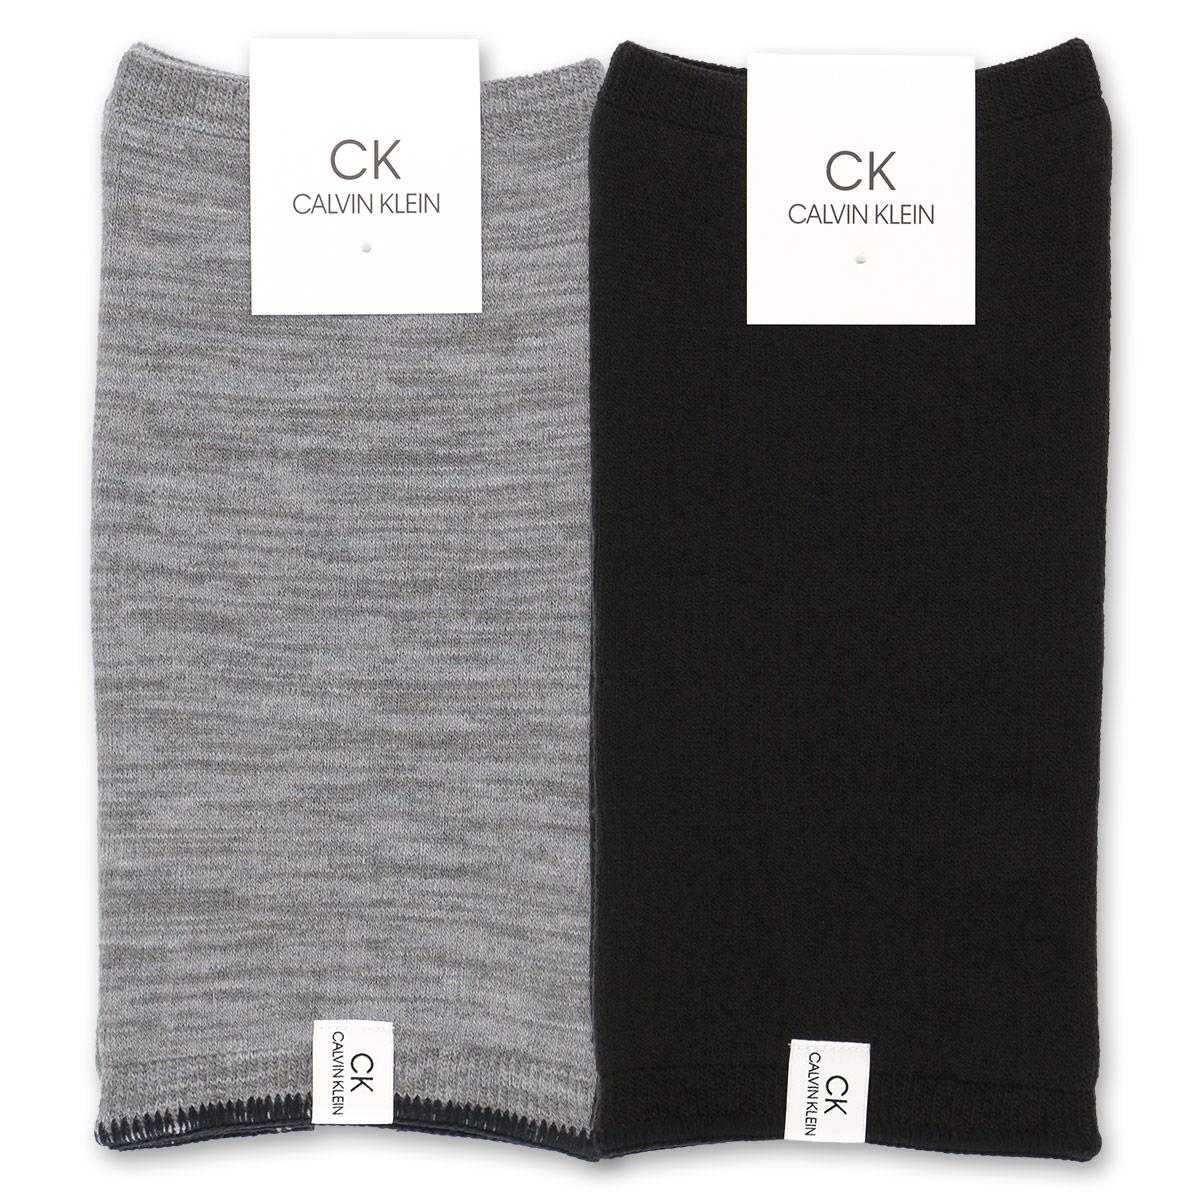 Calvin Klein ( カルバンクライン ) もち肌 レッグウォーマー 冬用 毛混 内起毛 ミドル丈 室内 カジュアル 男性 メンズ 靴下 プレゼント 贈答 ギフト 2545-827【ゆうパケット・2点まで】